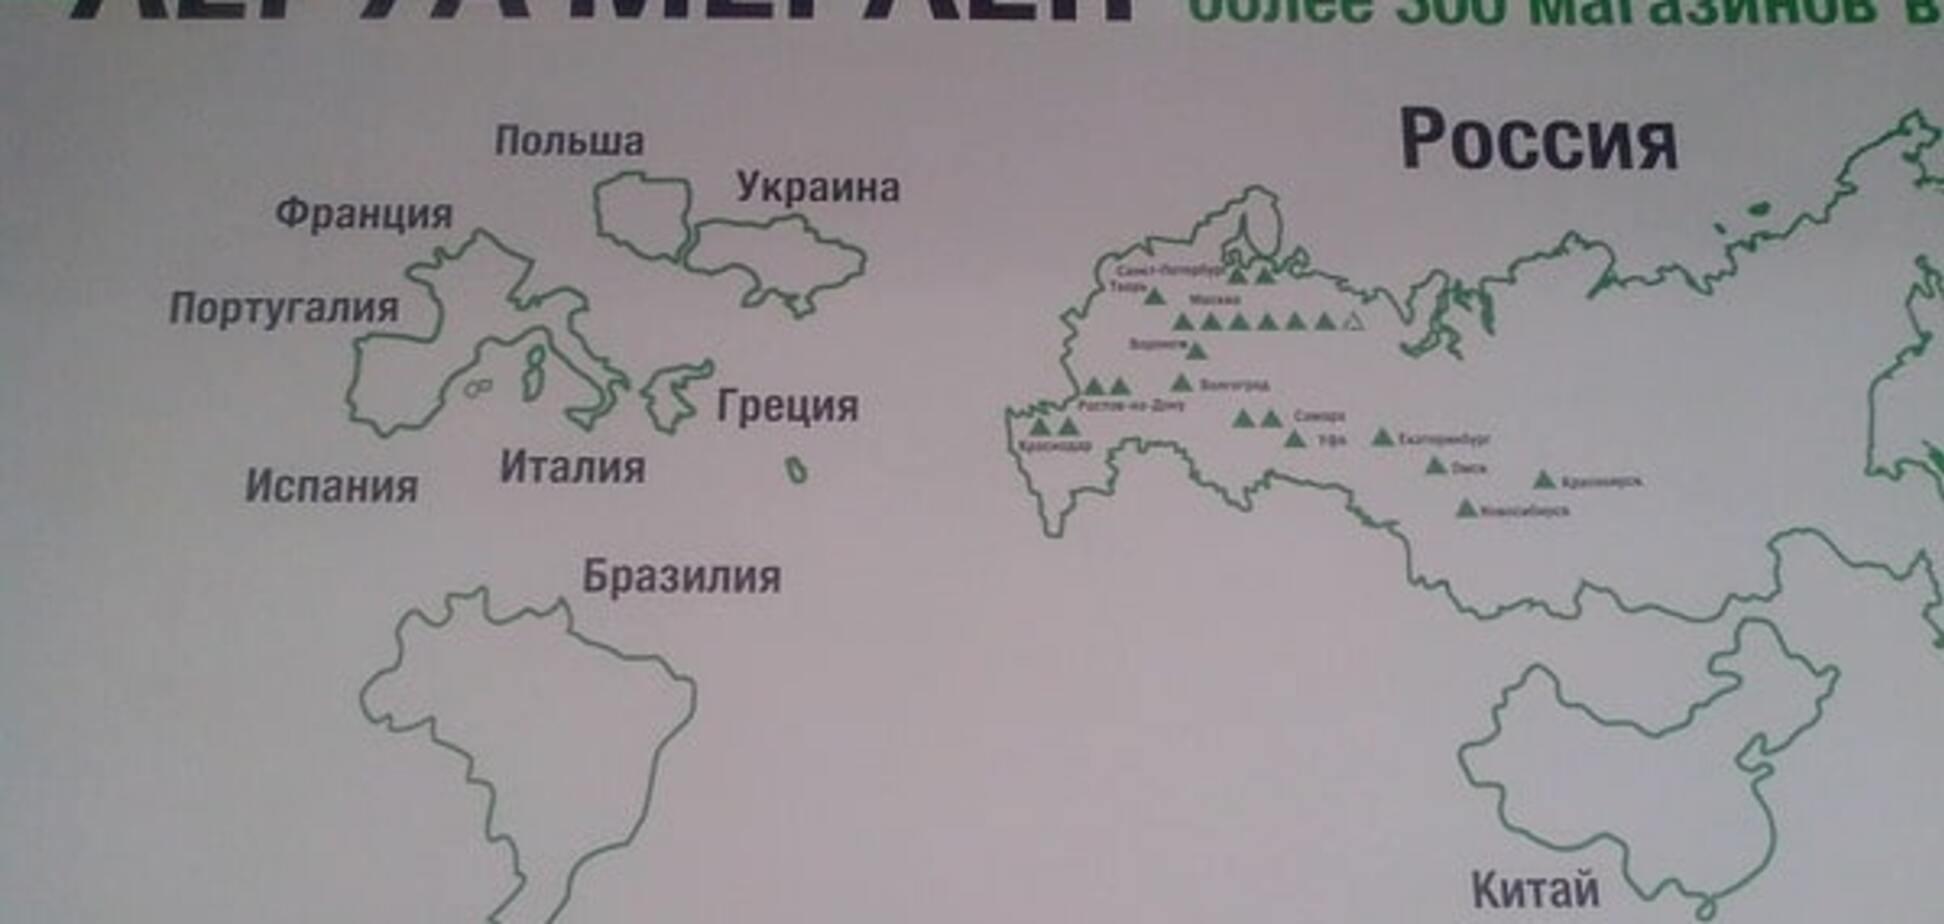 Карта России без Крыма